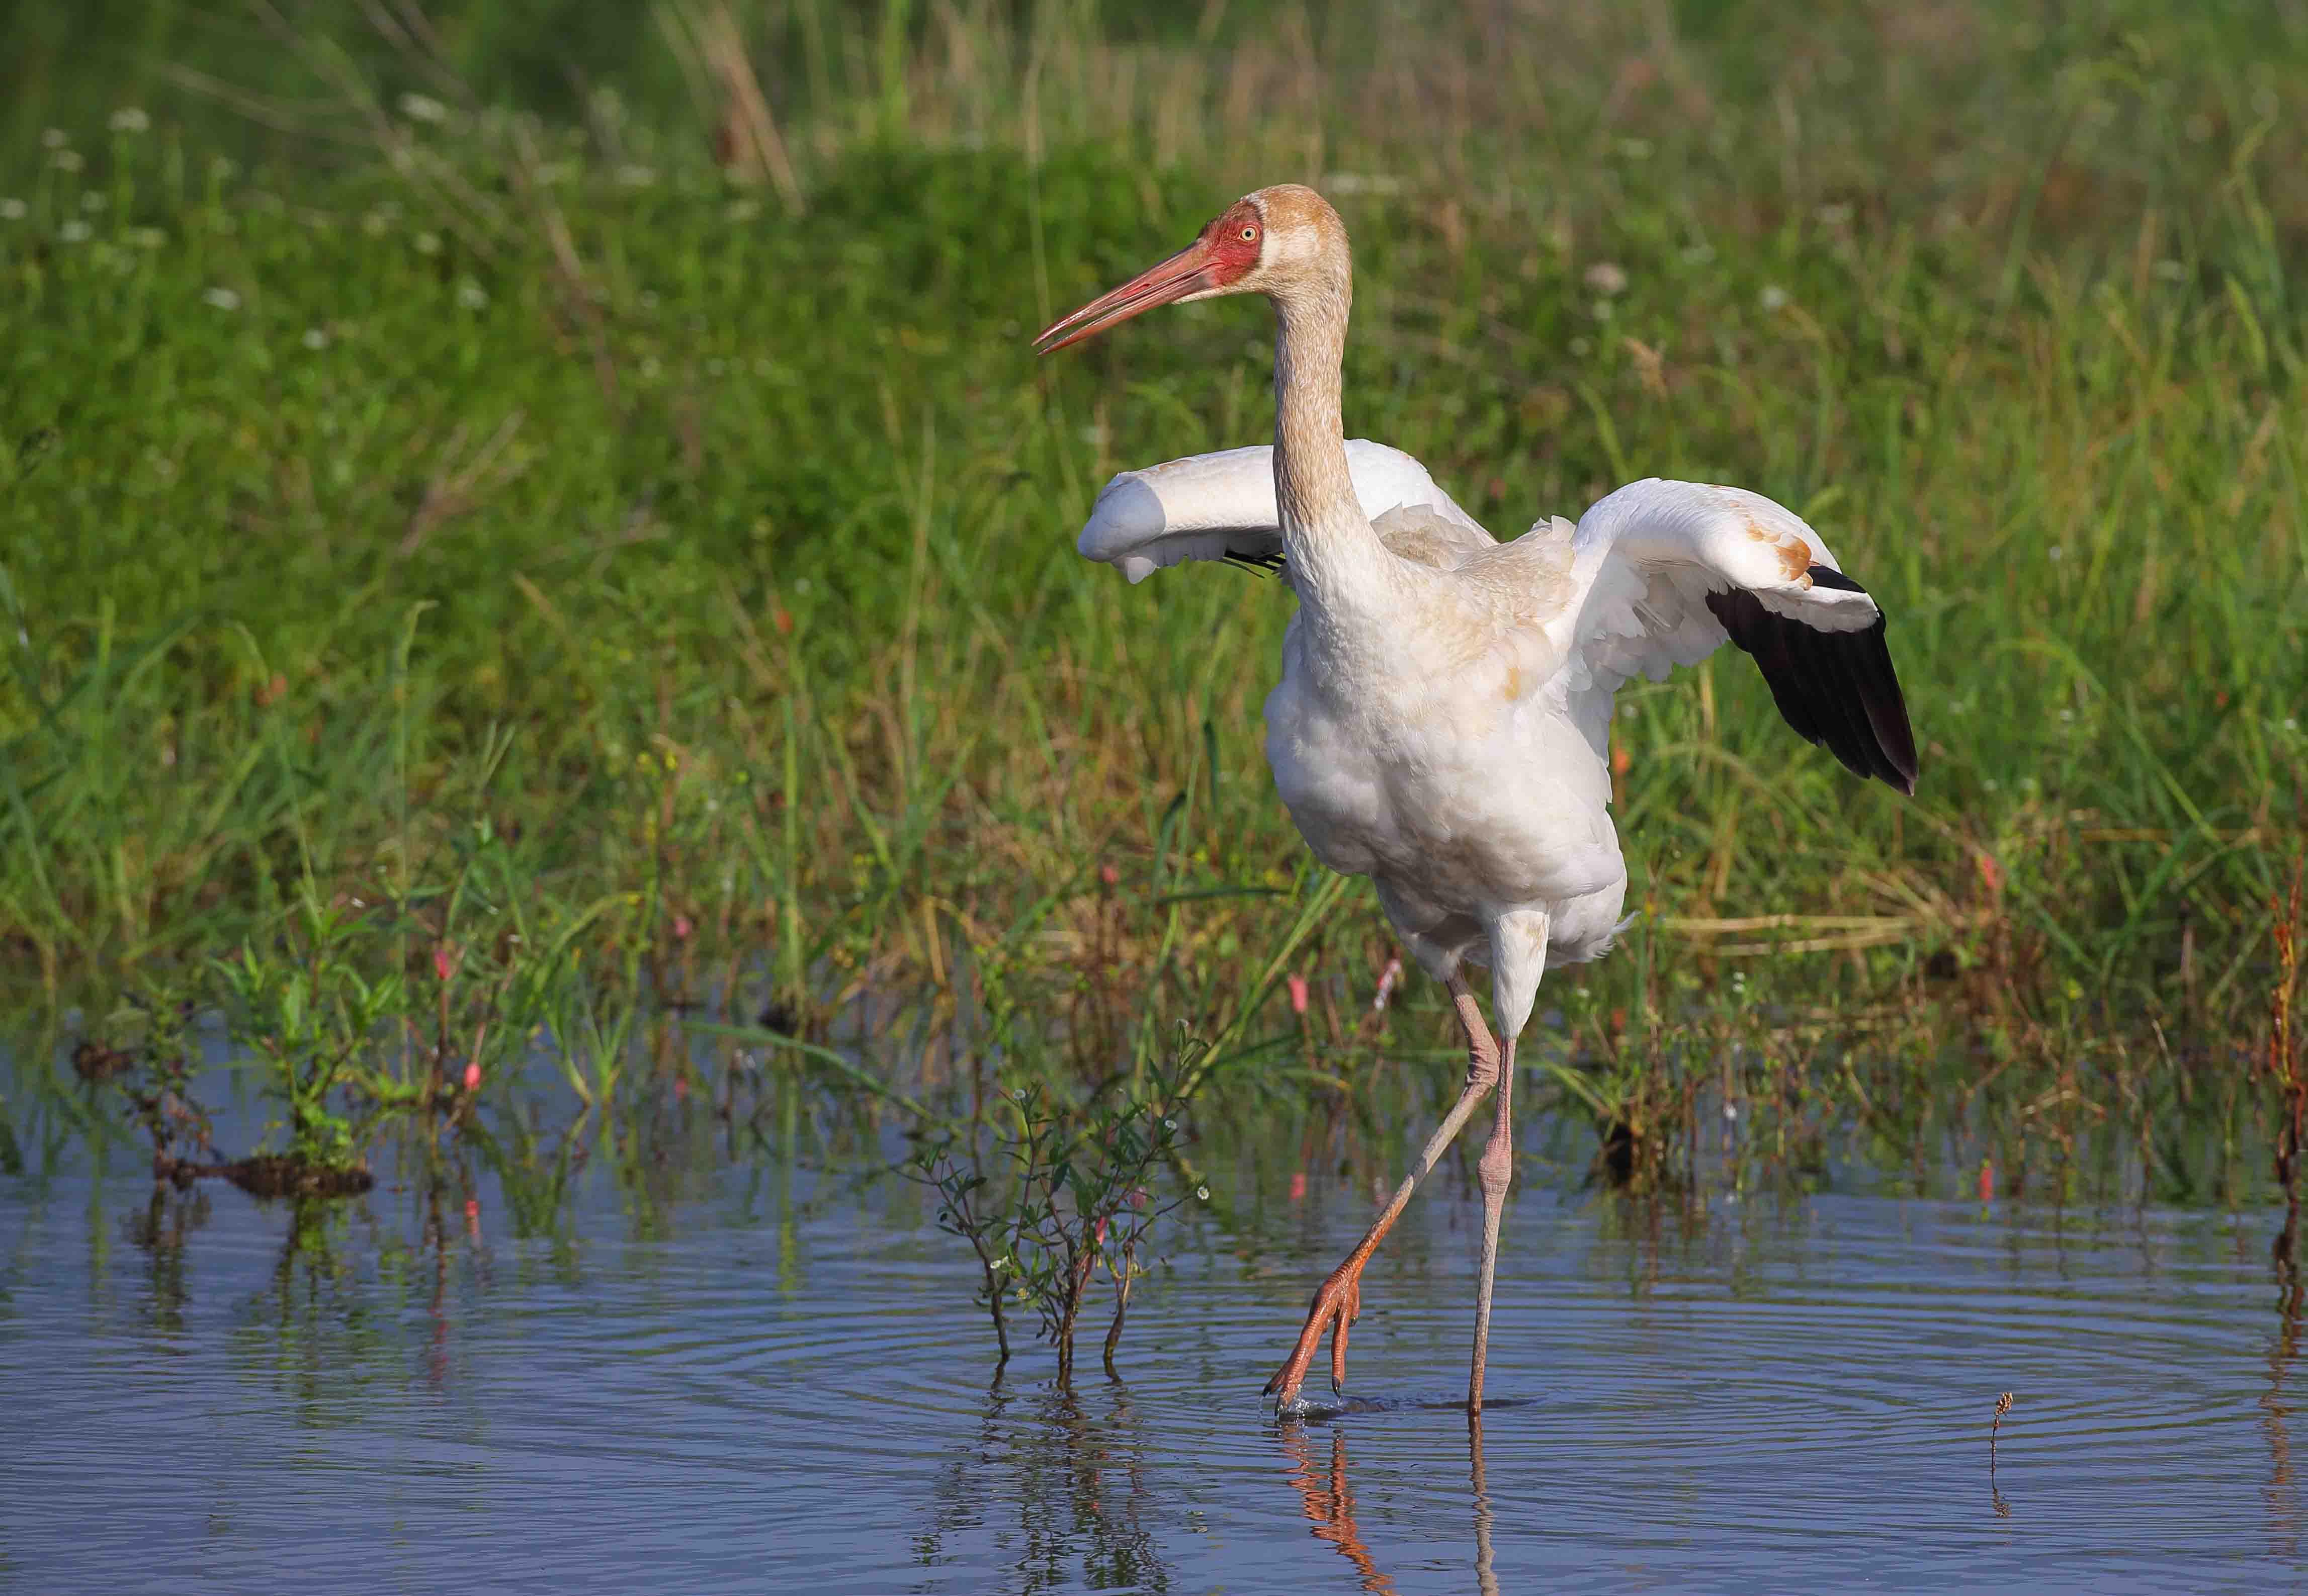 骆驼论坛 - 风景,生态,飞羽摄影作品 - 白鹤幼鸟